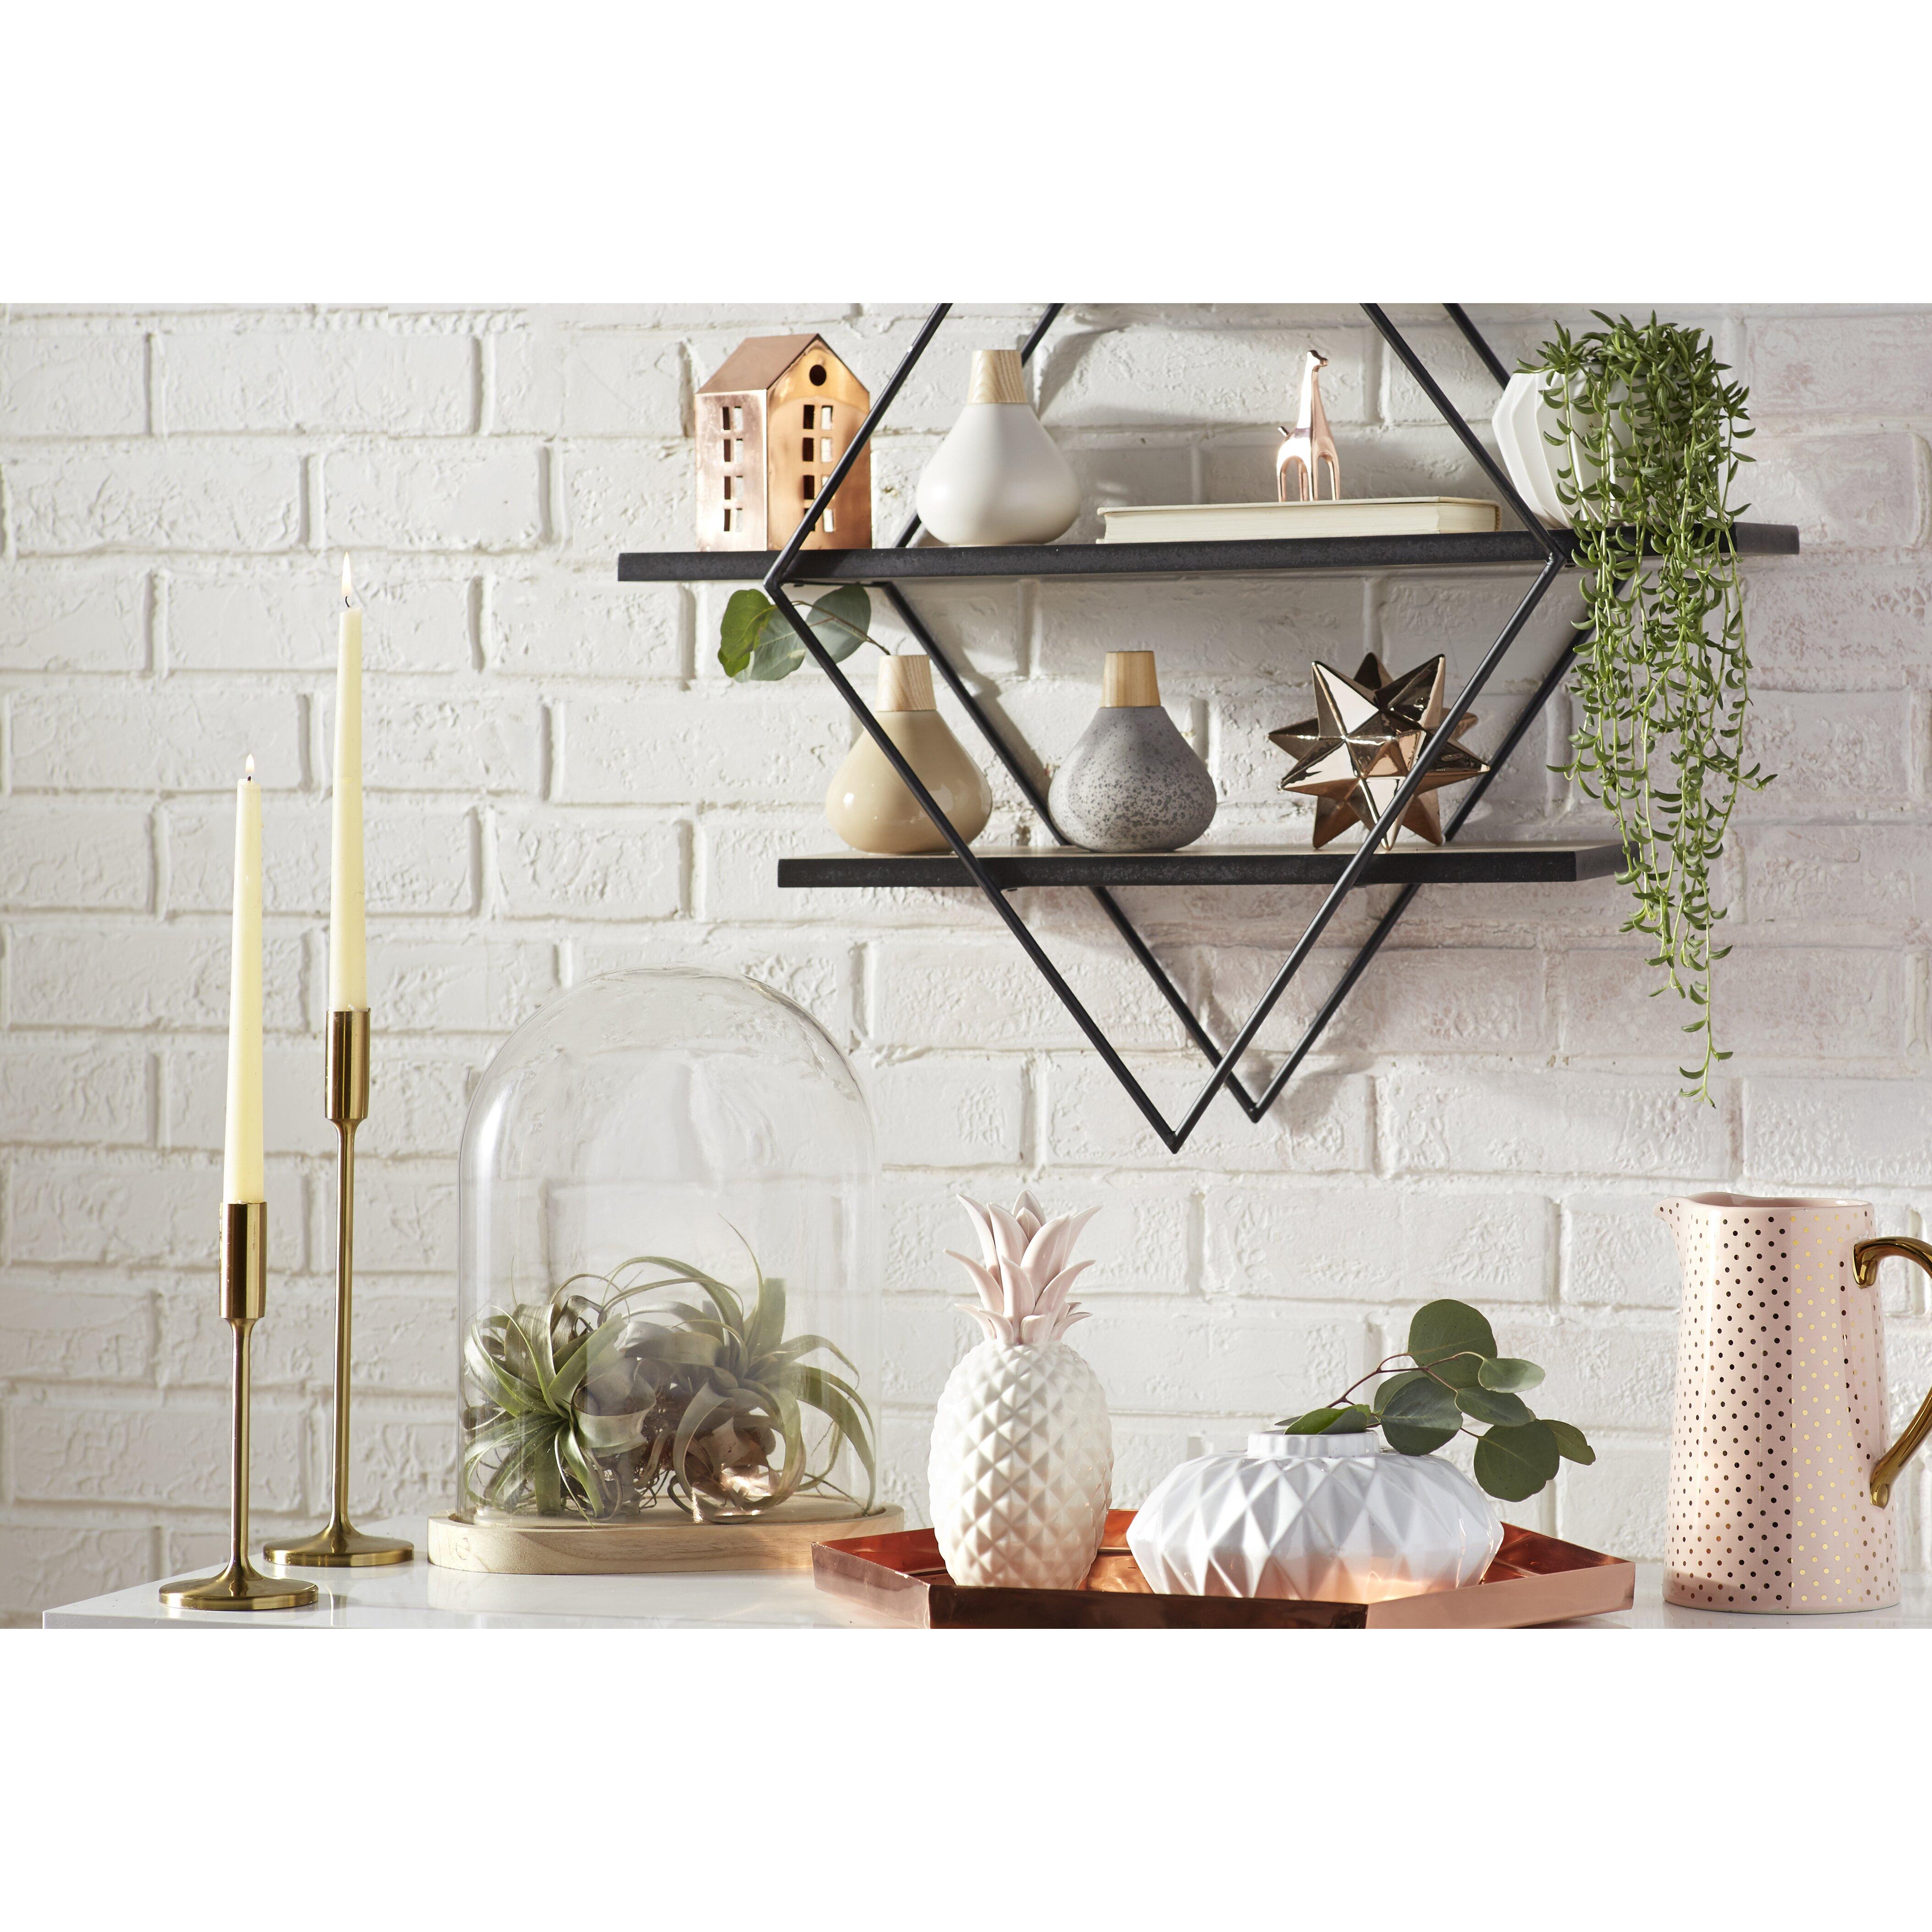 Bloomingville Coffee Table Bloomingville Ceramic Pineapple Figurine Reviews Wayfair